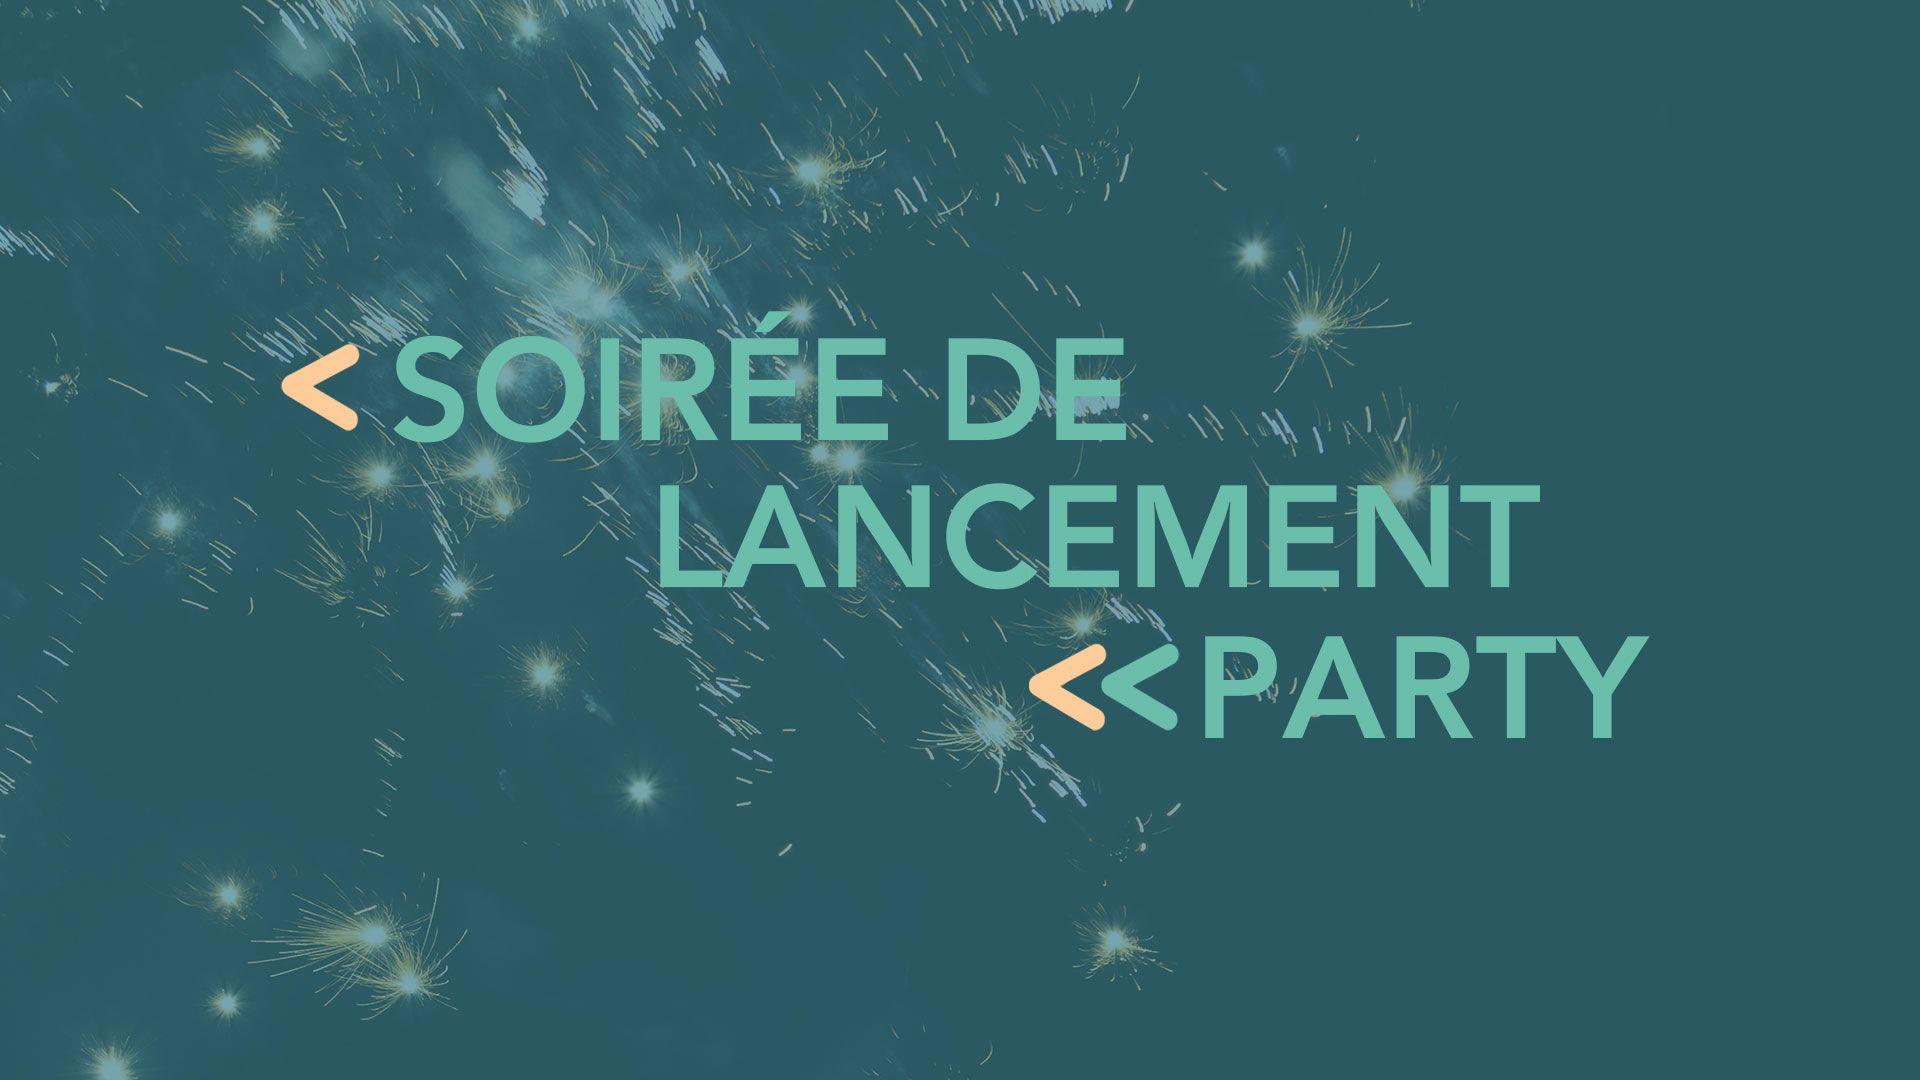 Soire_e-de-lancement.jpg